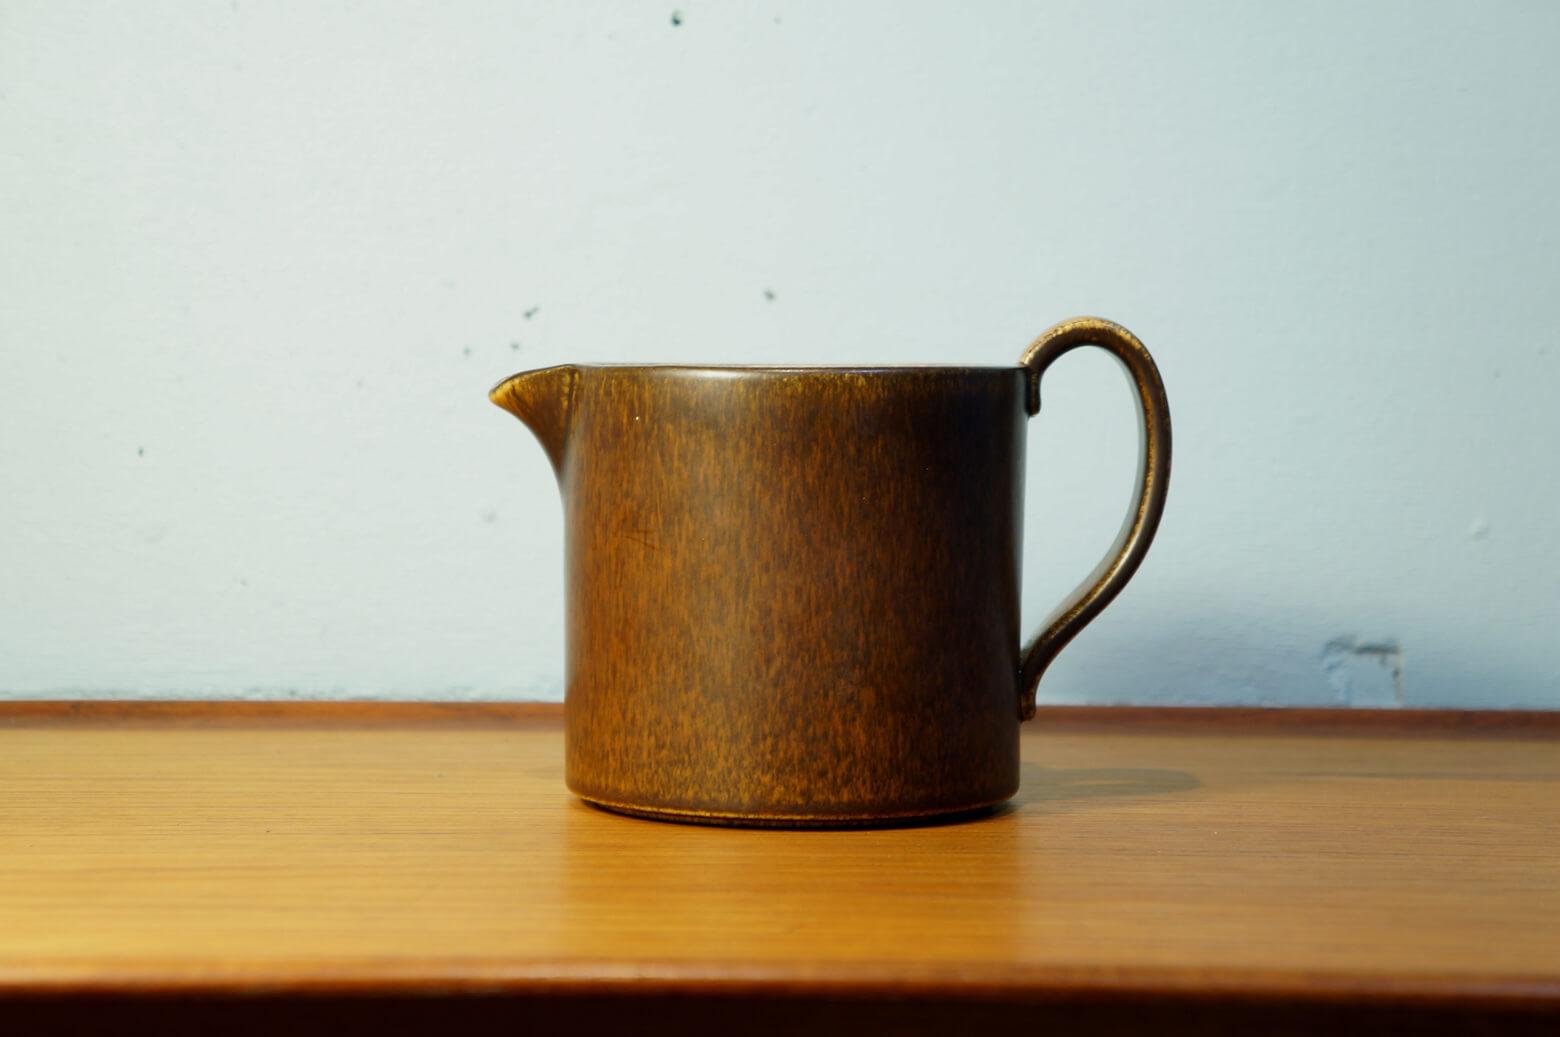 Upsala Ekeby Gefle Cuba Coffee Pot/ウプサラエクビー ゲフレ キューバ コーヒーポット